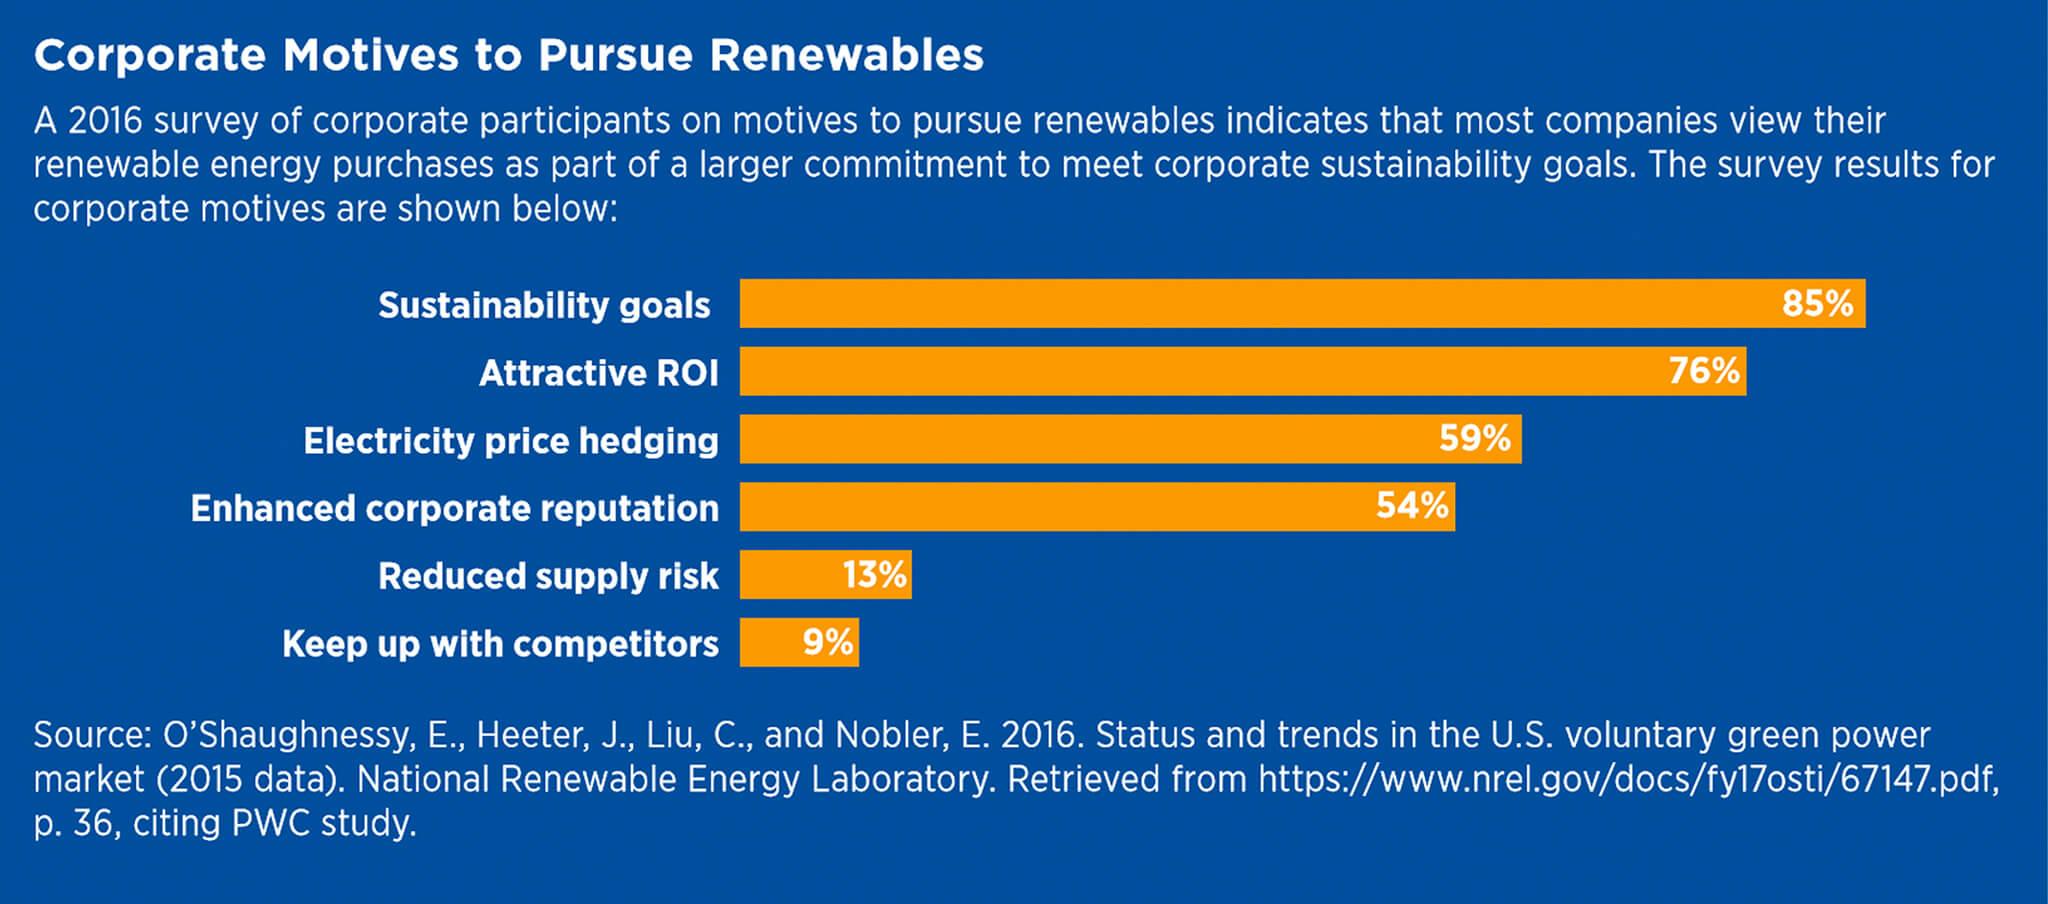 Corporate Motives to Pursue Renewables